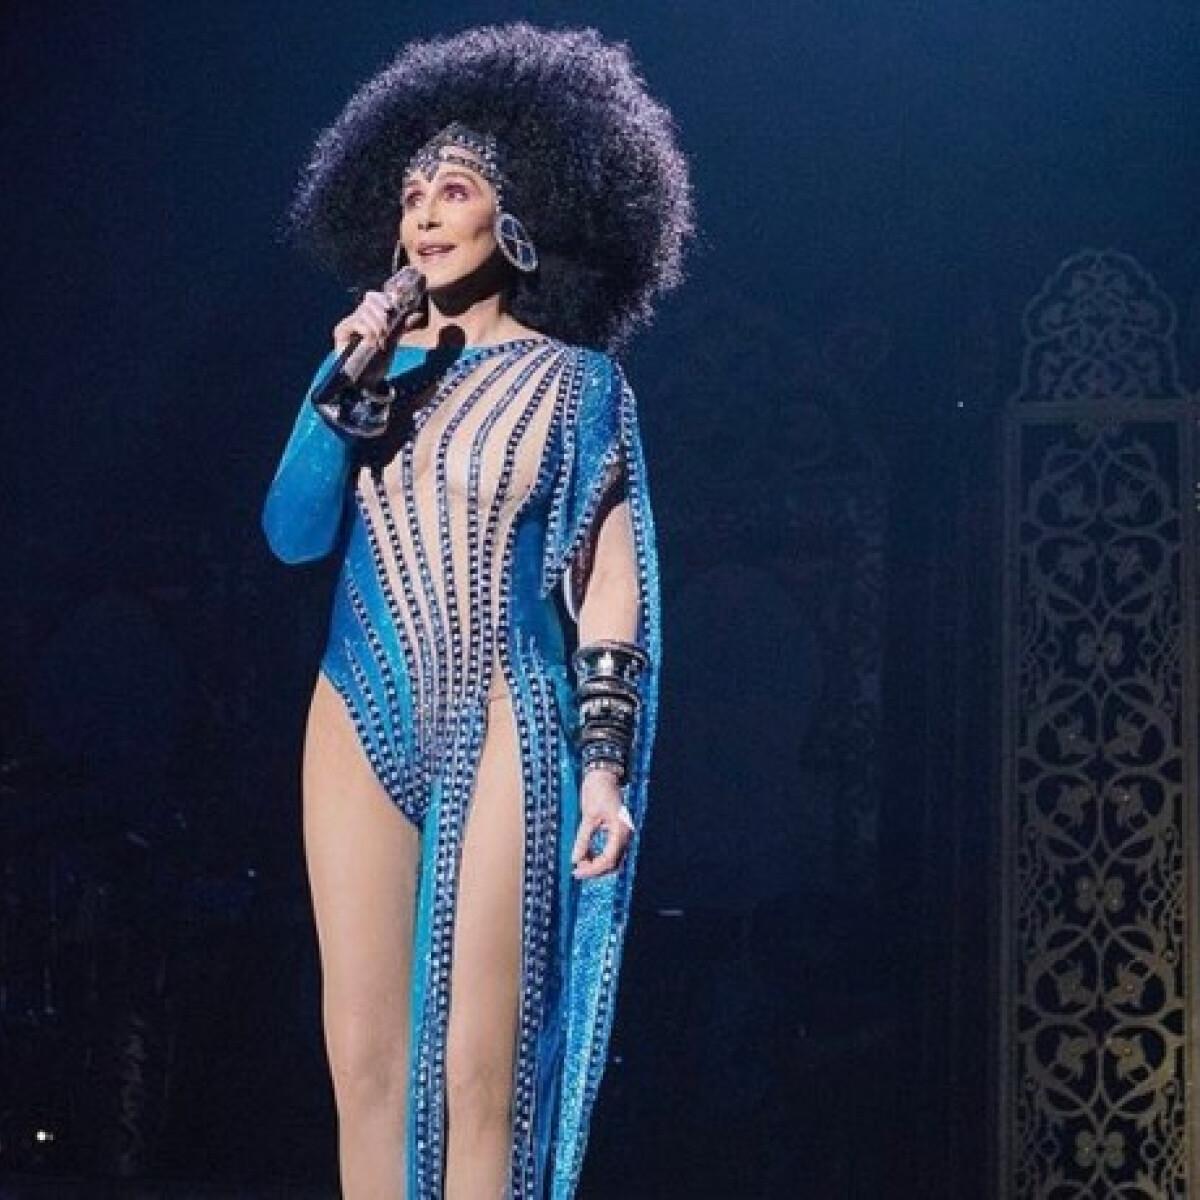 Cher, az örökifjú díva végre elárulta feszes fenekének titkát